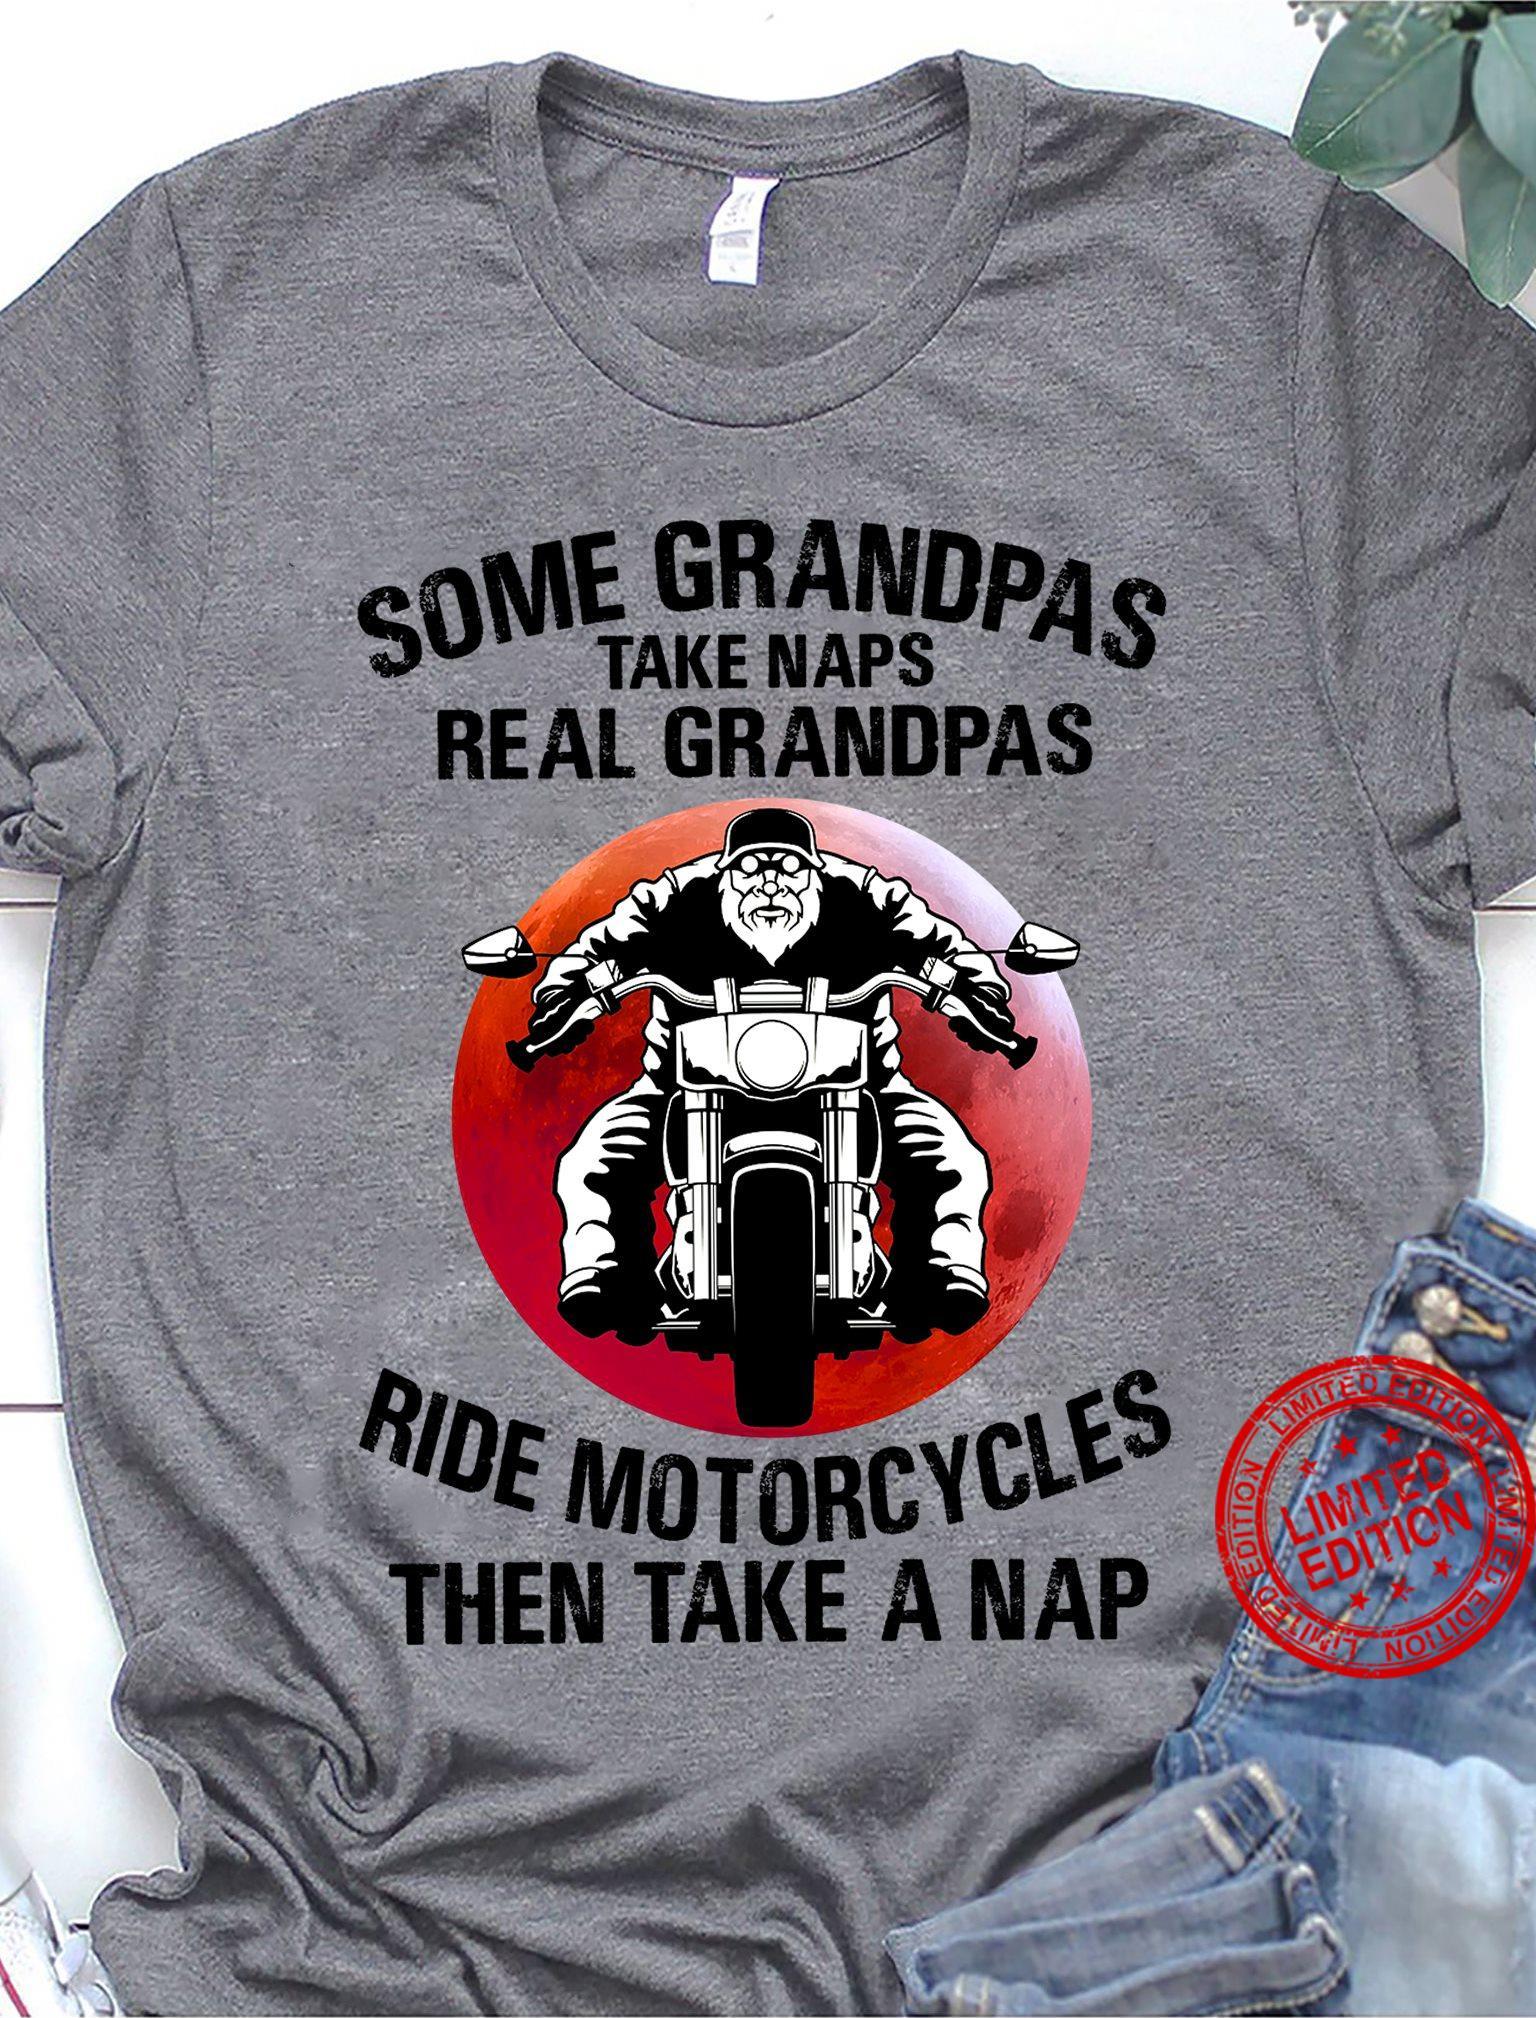 Some Grandpas Take Naps Real Grandpas Ride Motorcycles Then Take A Nap Shirt